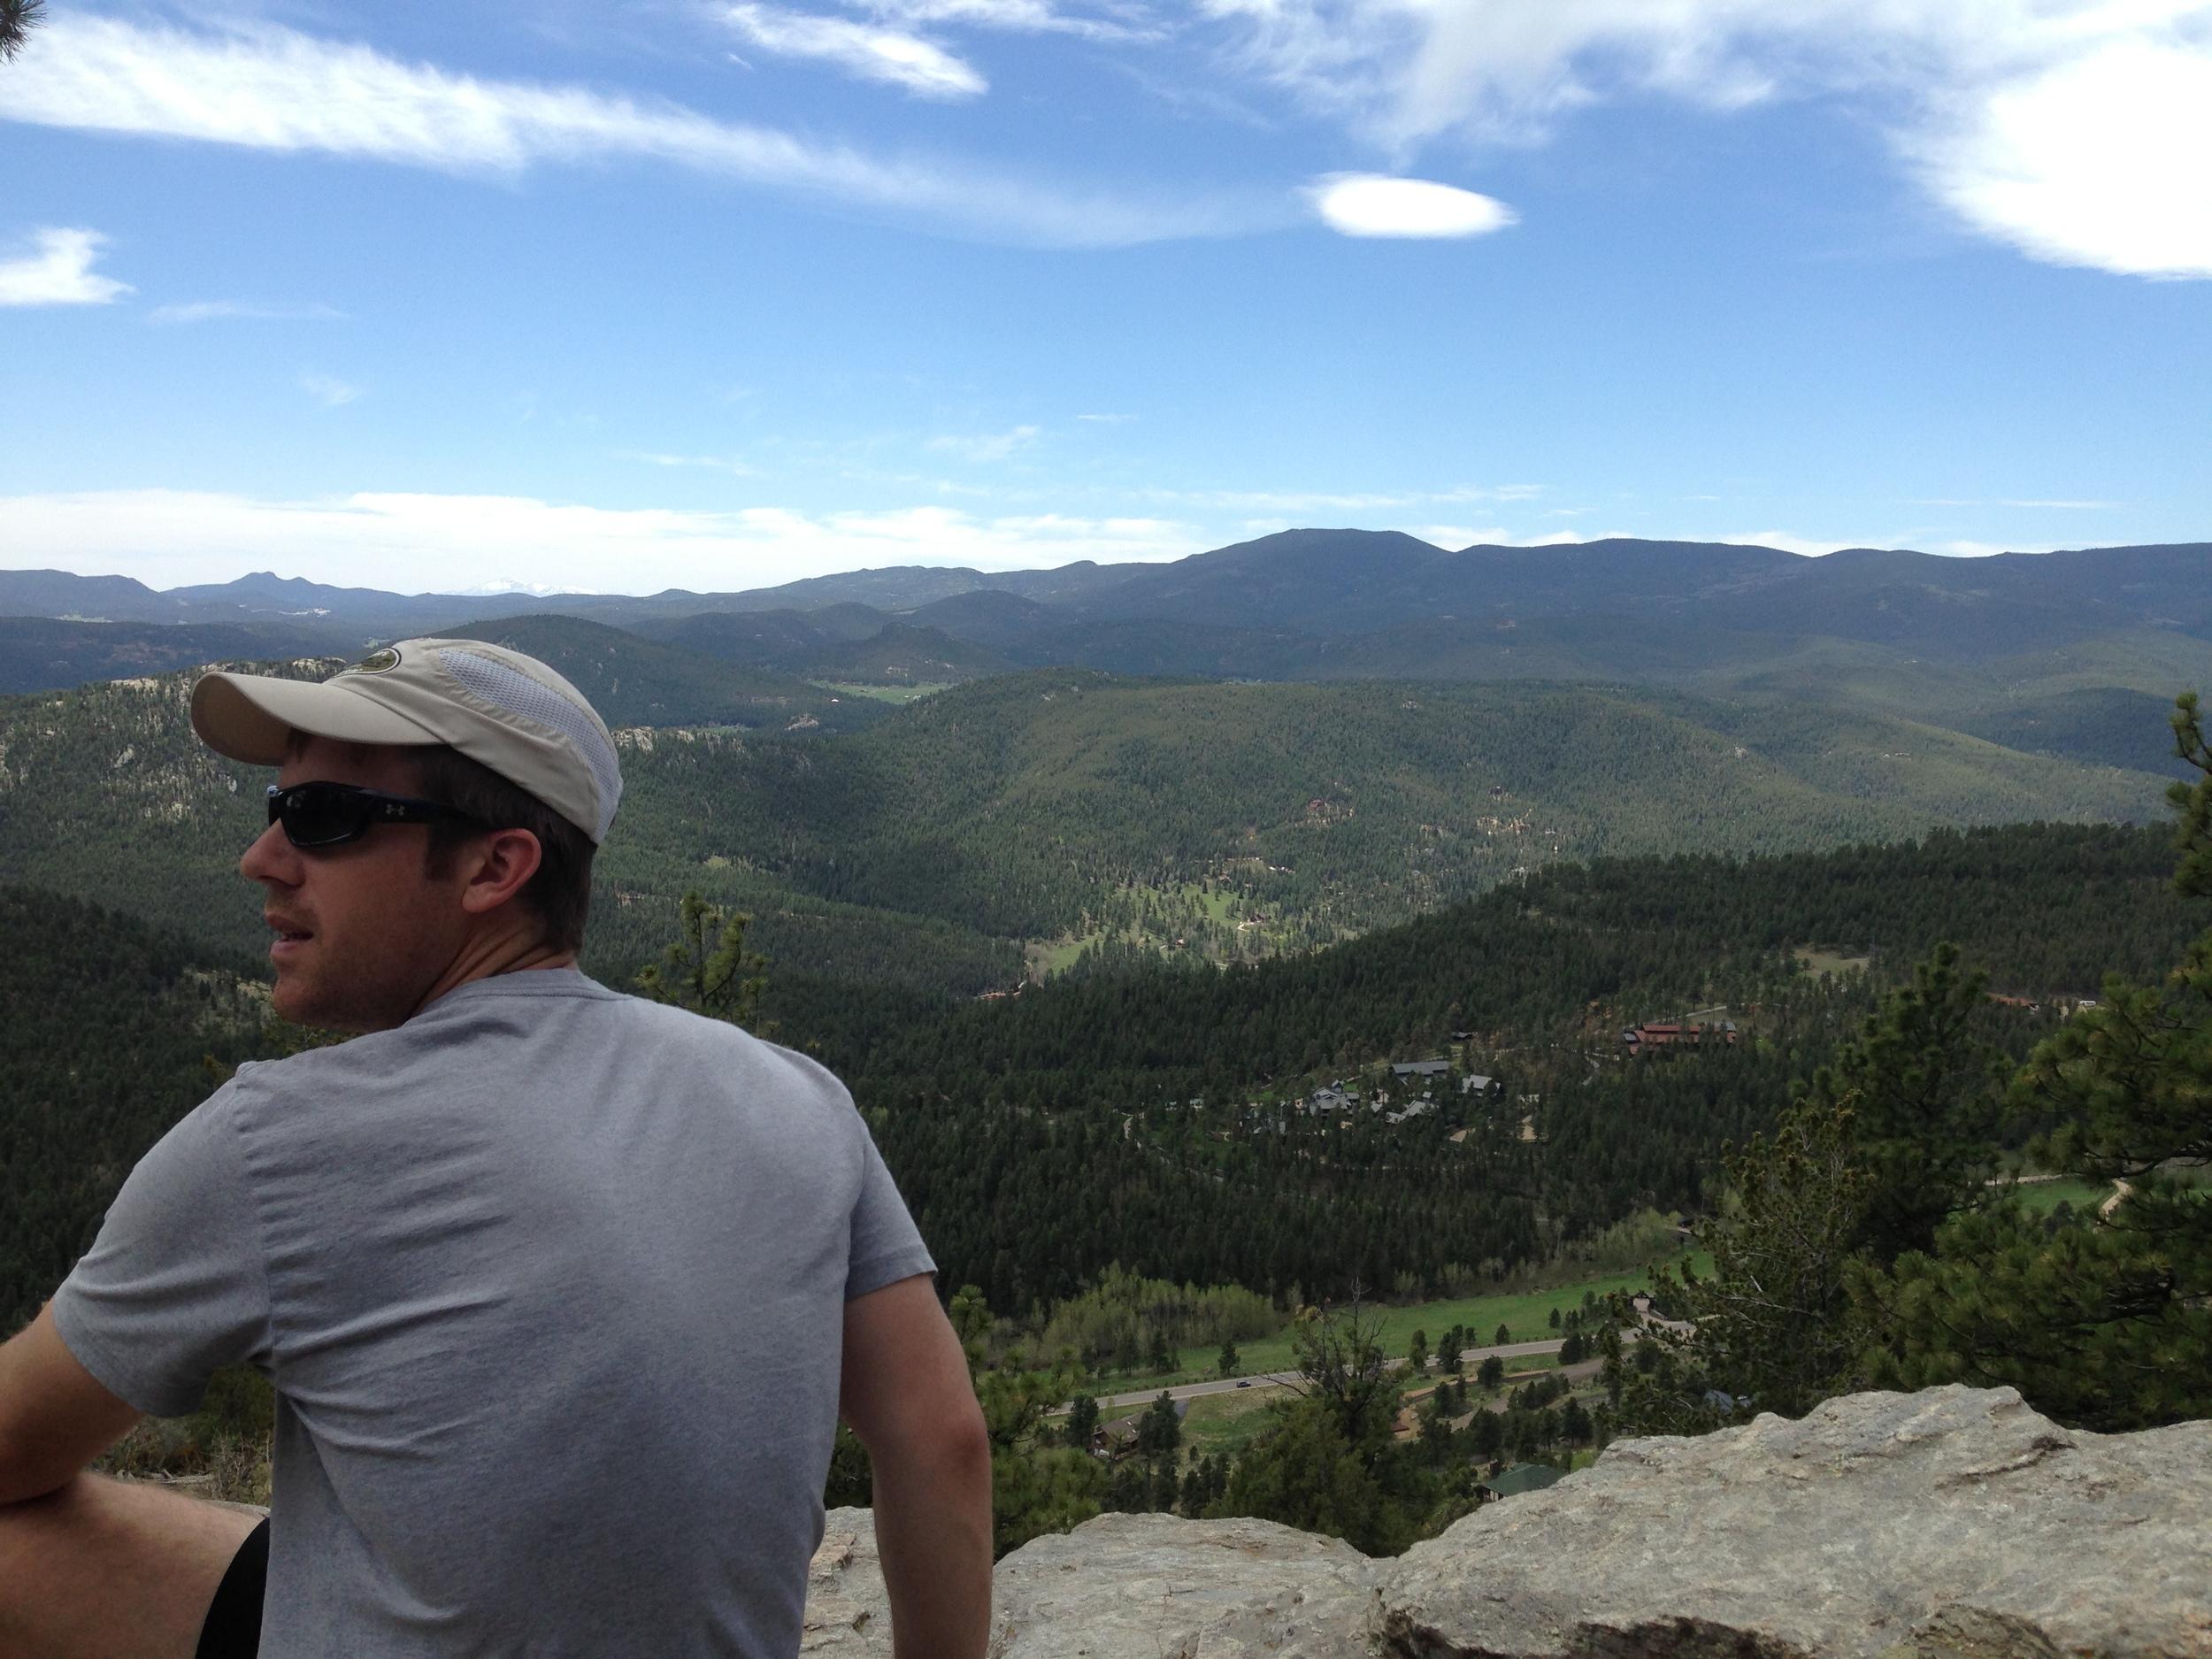 Todd_hiking_beautiful_green_scenery.JPG